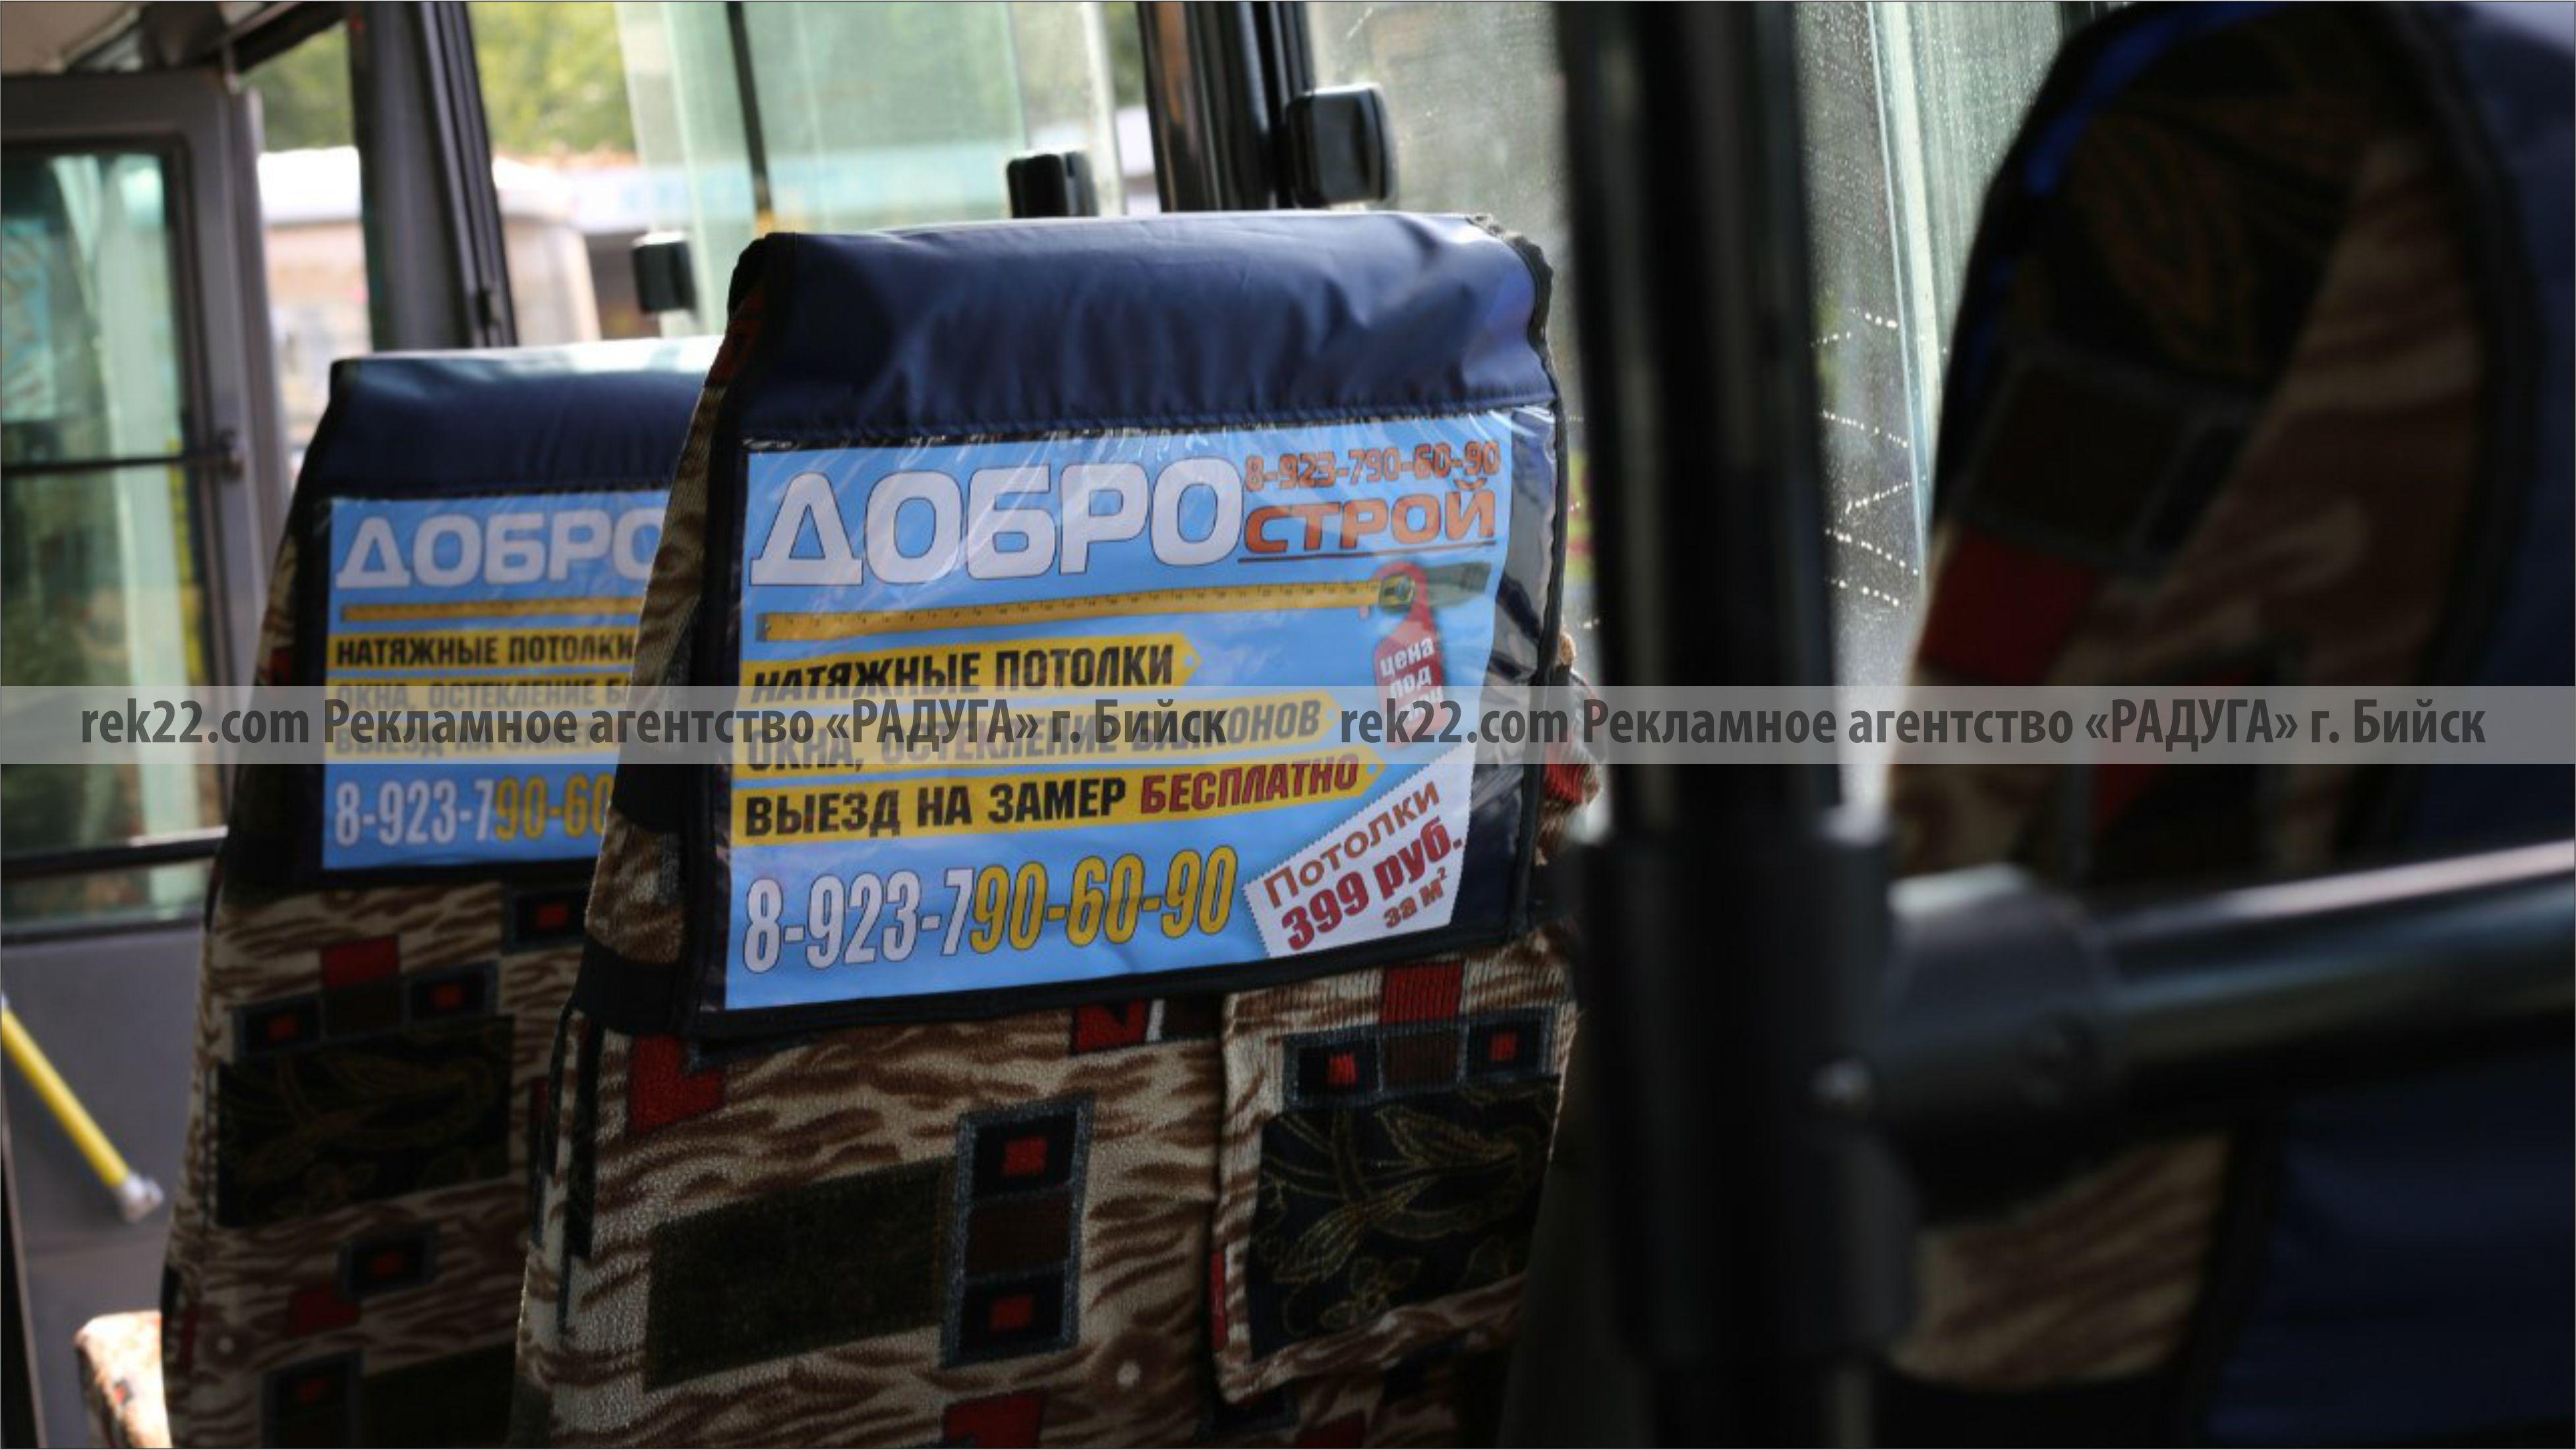 Реклама на транспорте Бийск - подголовники - 8